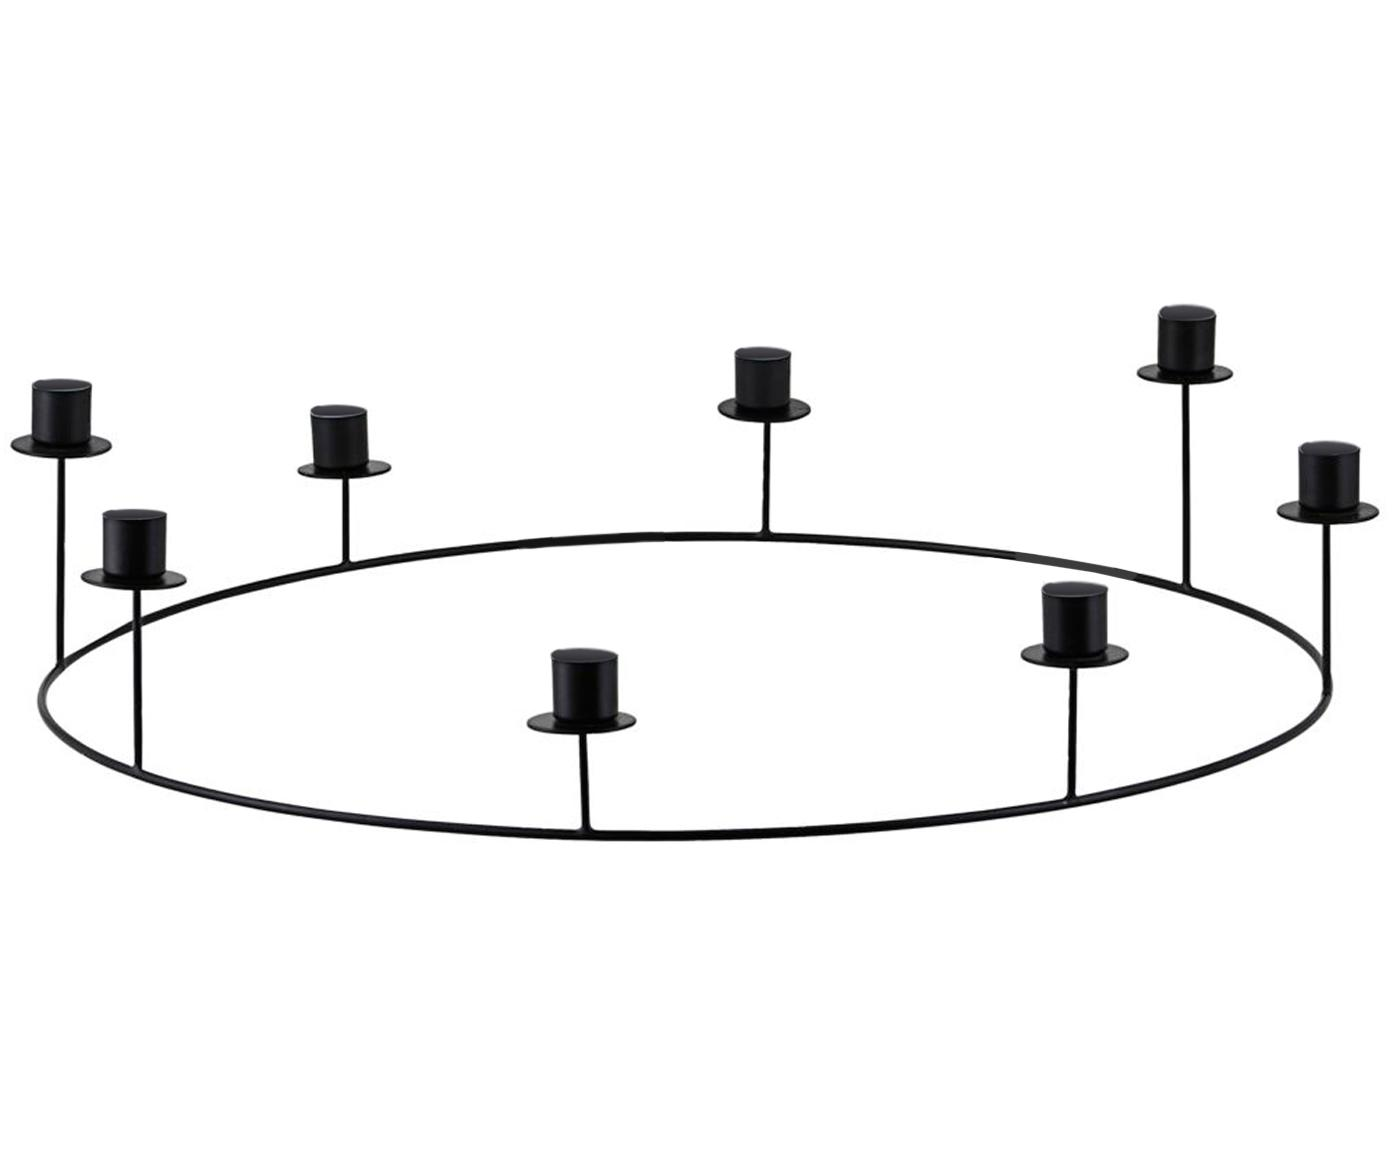 Kandelaar Stilu, Gecoat metaal, Zwart, Ø 50 x H 12 cm